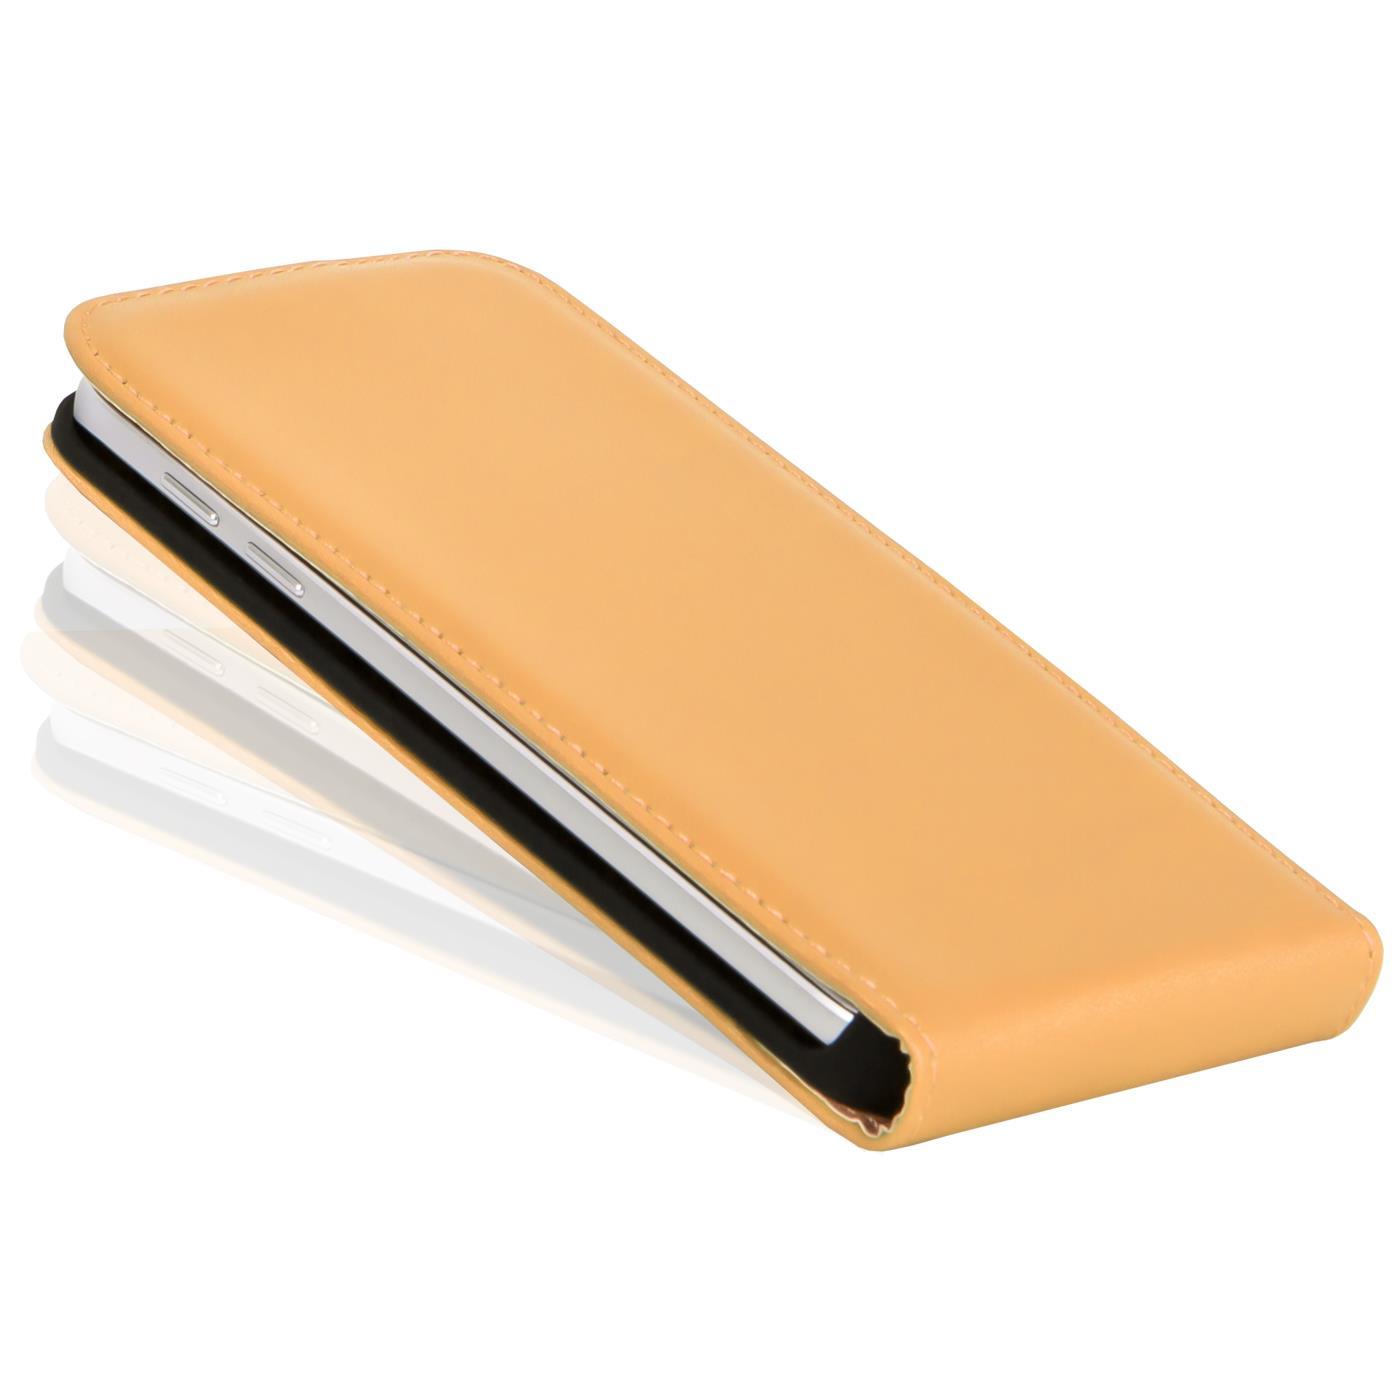 Klapphuelle-Samsung-Galaxy-Flip-Case-Tasche-Schutzhuelle-Cover-Schutz-Handy-Huelle Indexbild 43